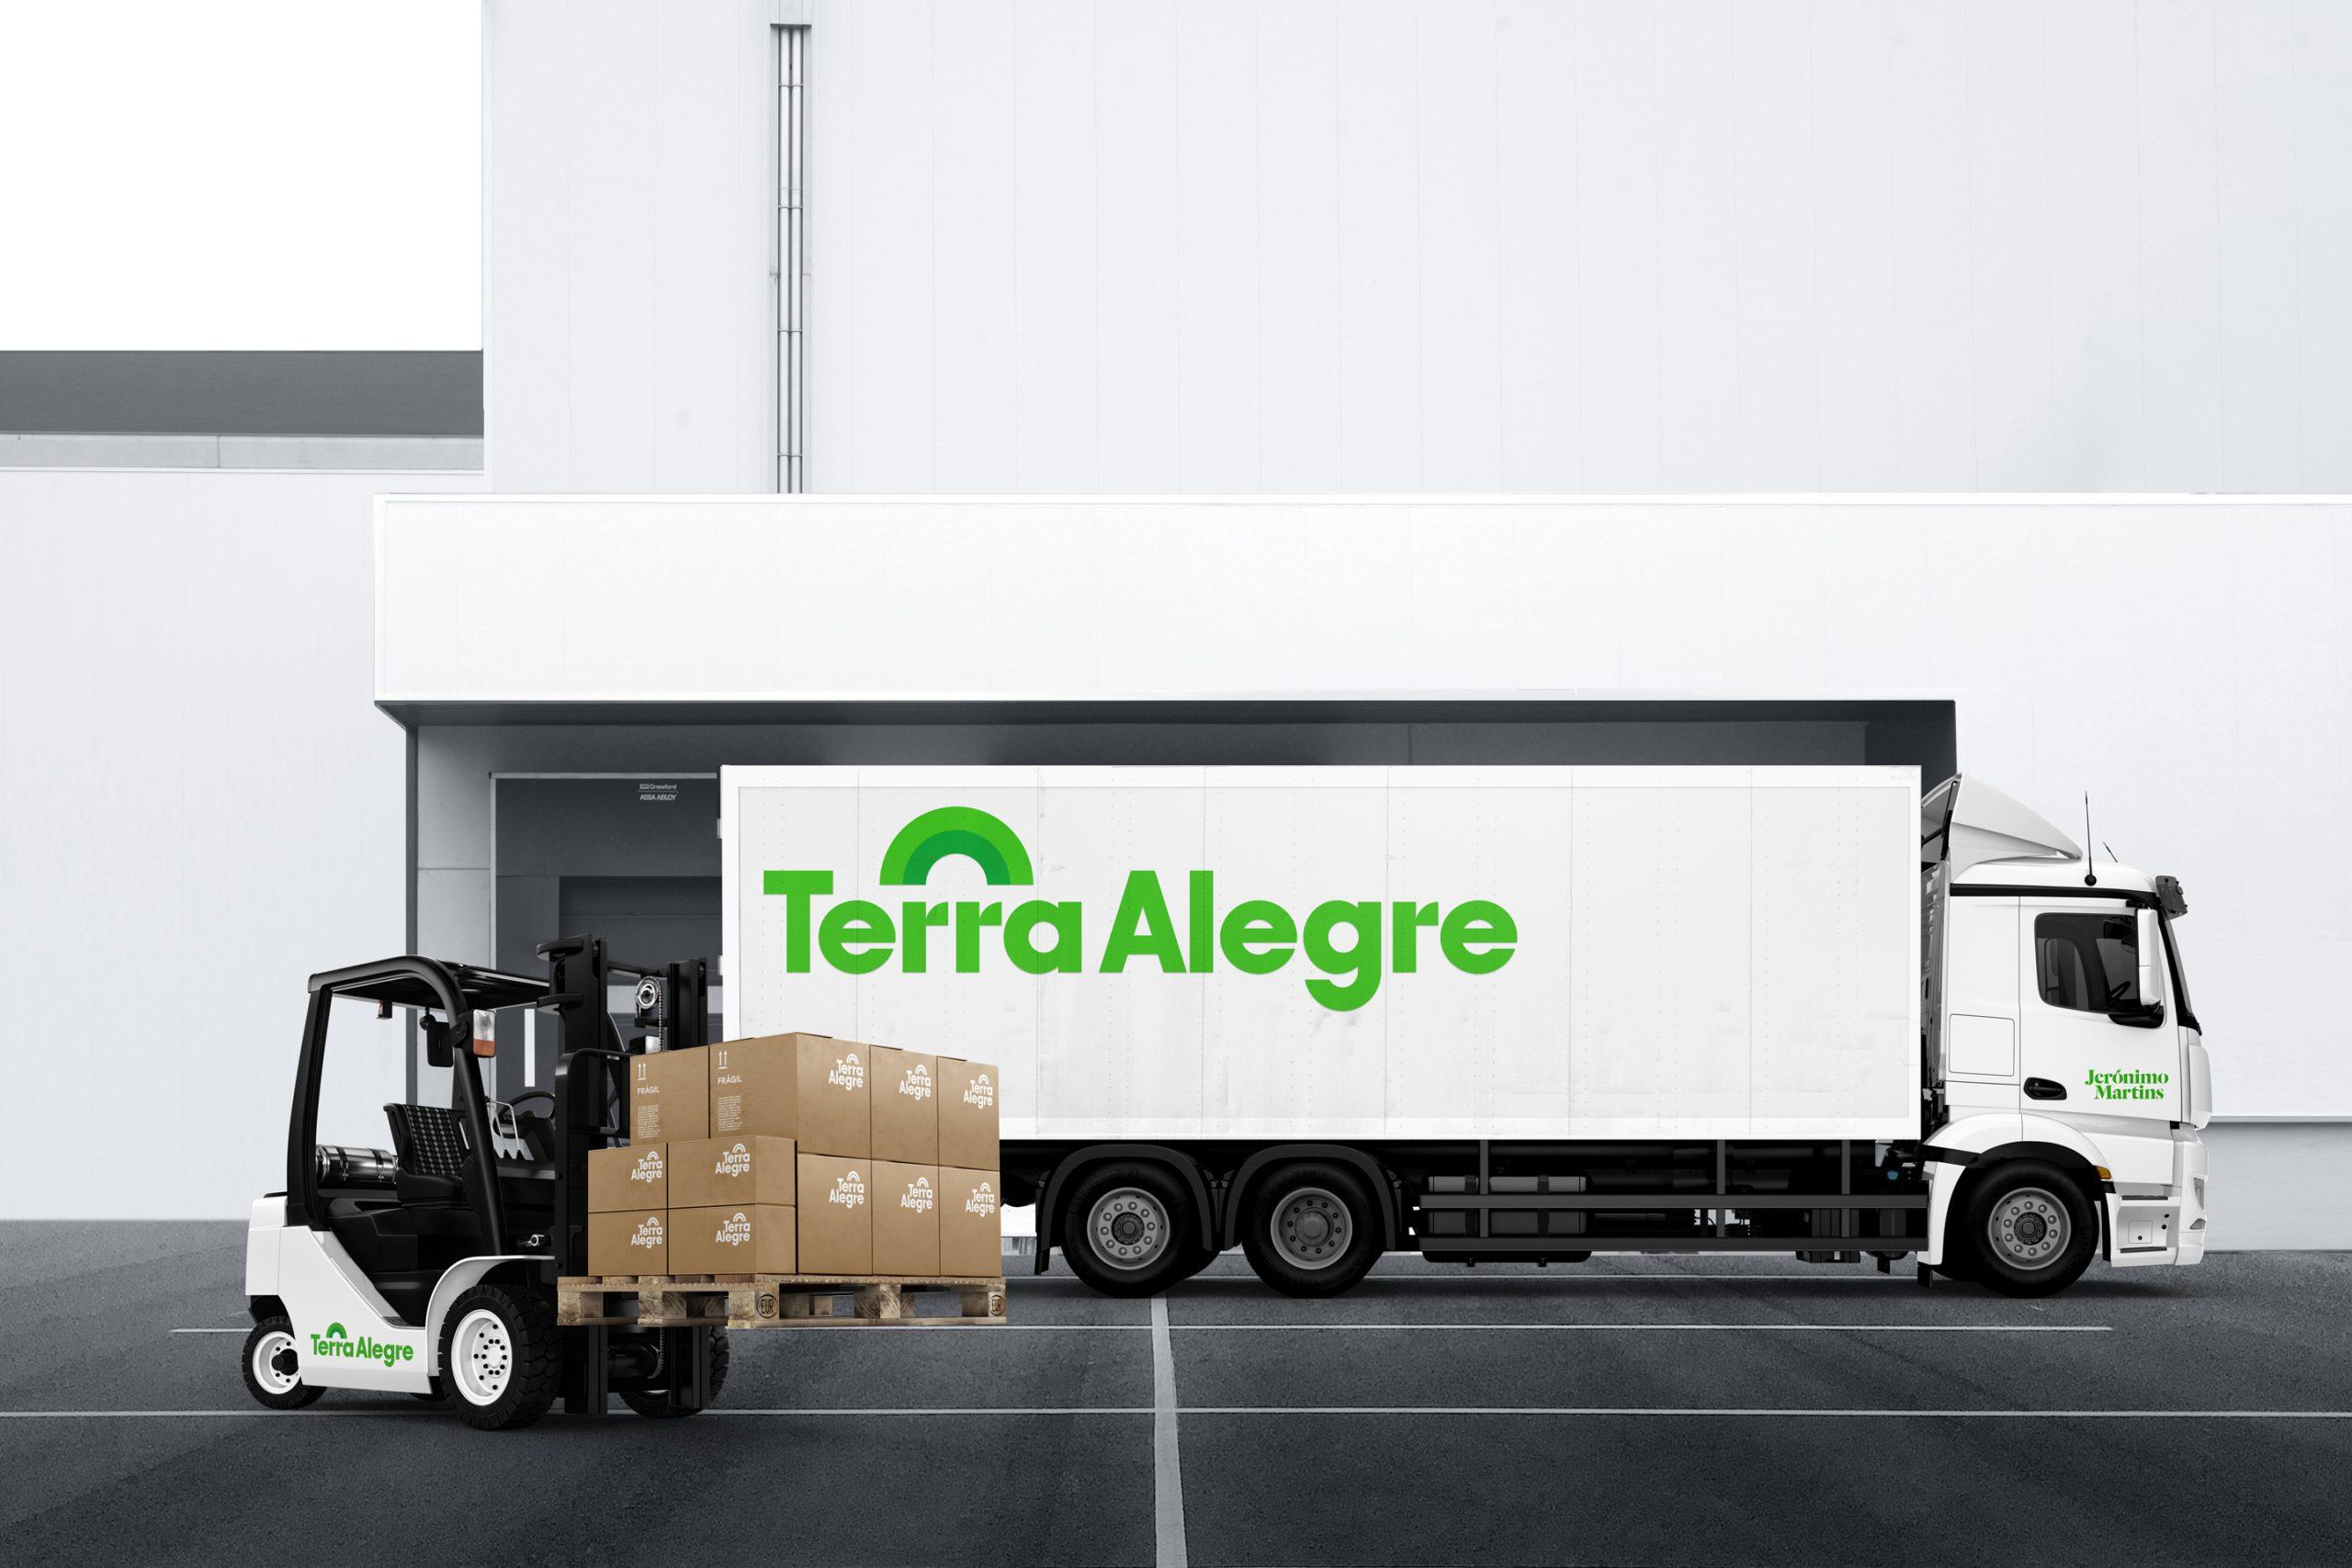 truck_TerraAlegre_UMA-1